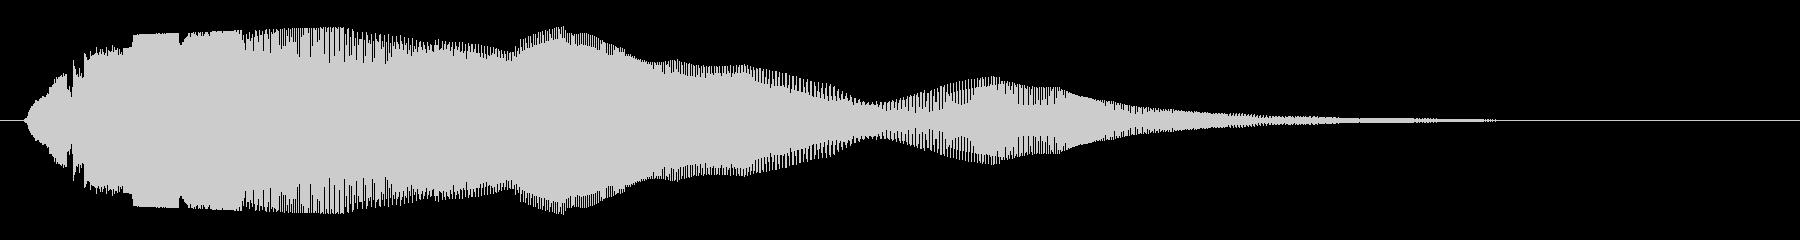 ピュワワ〜ン(高音の電子音)の未再生の波形